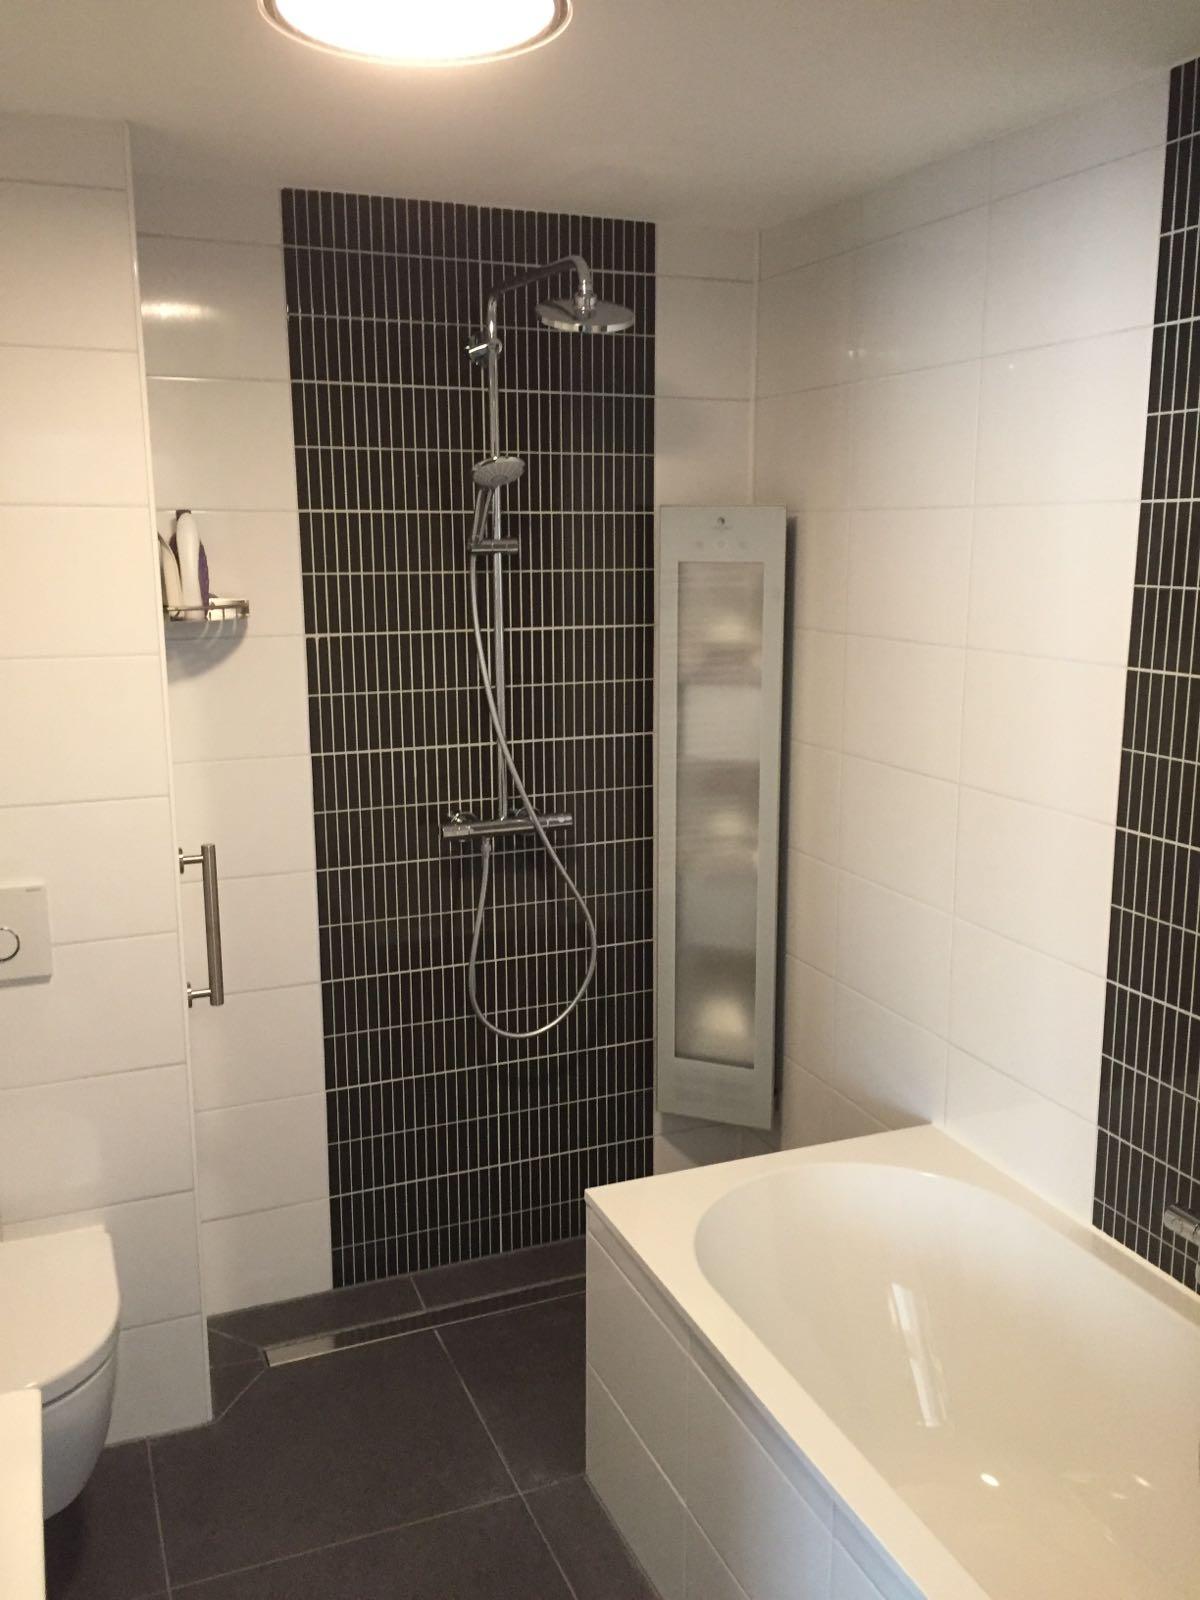 Badkamer renovatie Bergschenhoek - Bouwbedrijf Anker